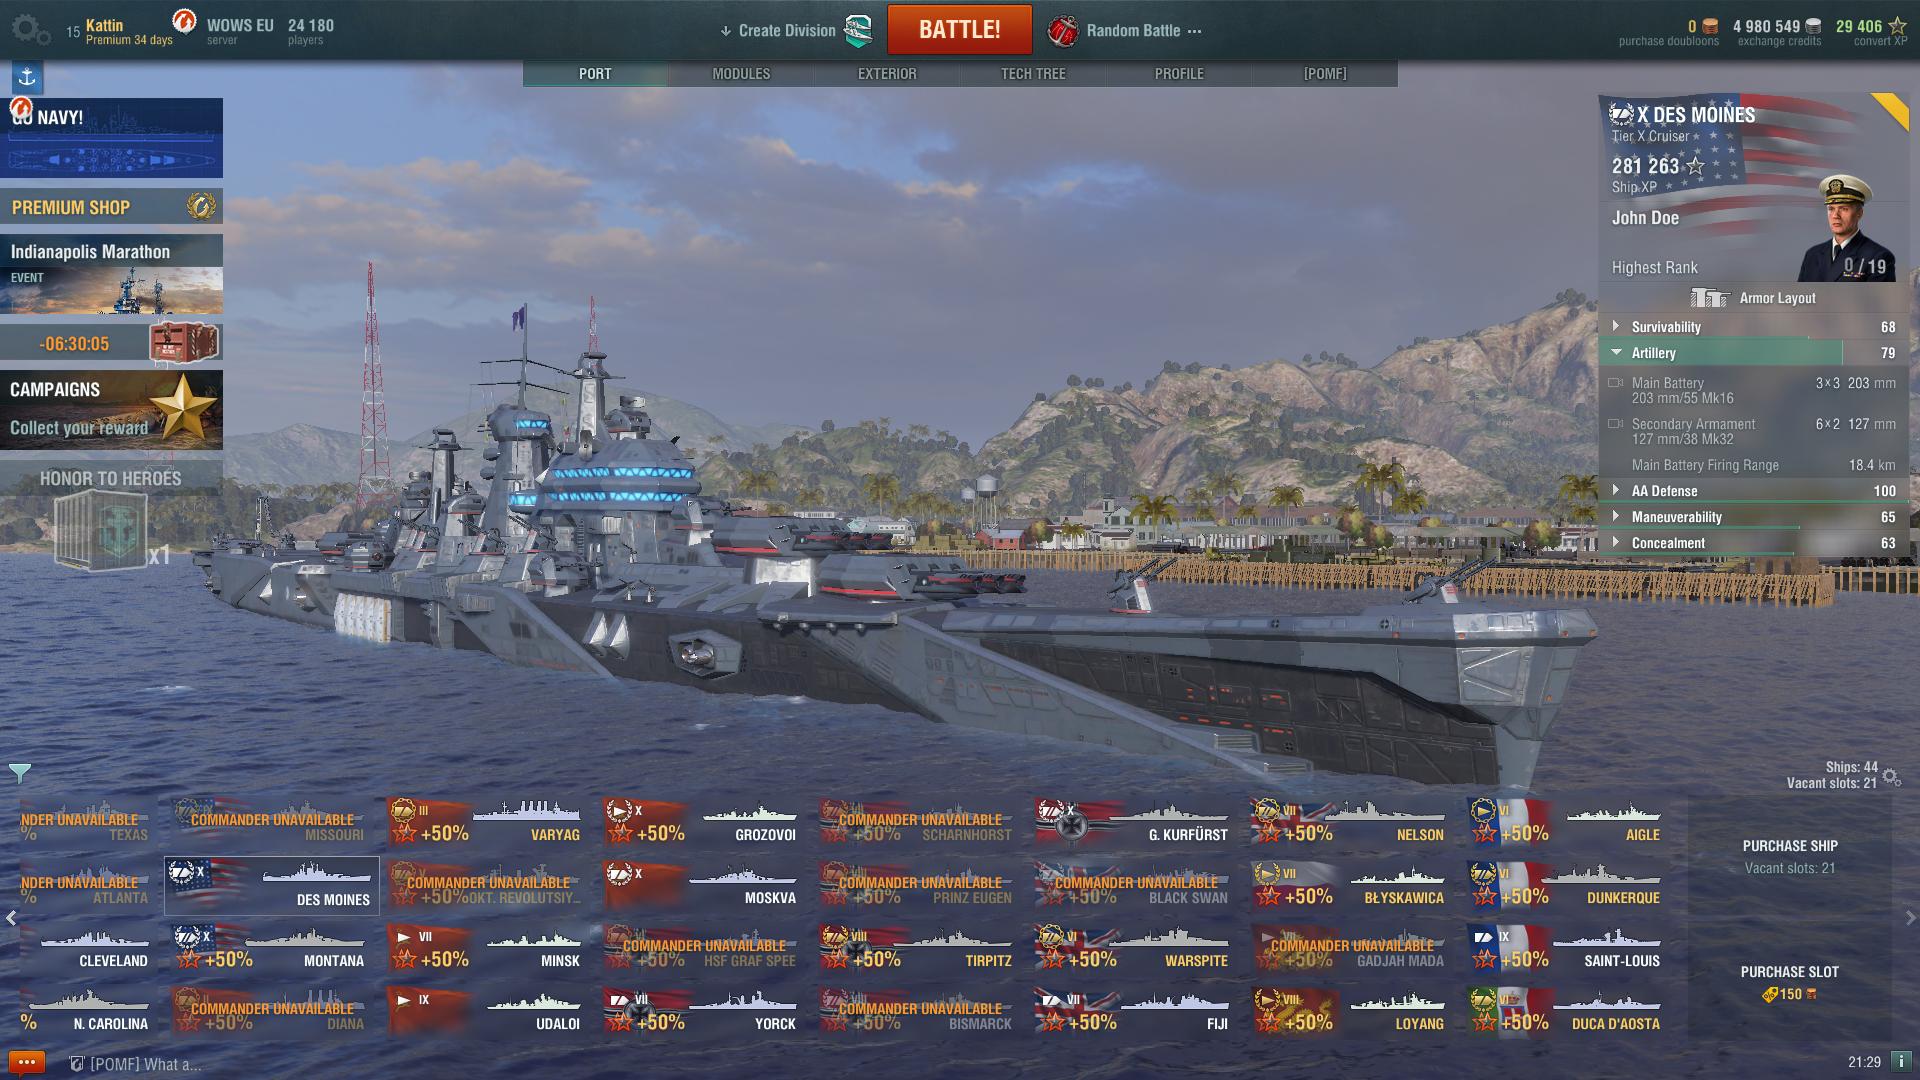 https://cdn.discordapp.com/attachments/372508286529961996/454367018192207895/World_of_Warships_Screenshot_2018.06.07_-_21.29.22.67.png